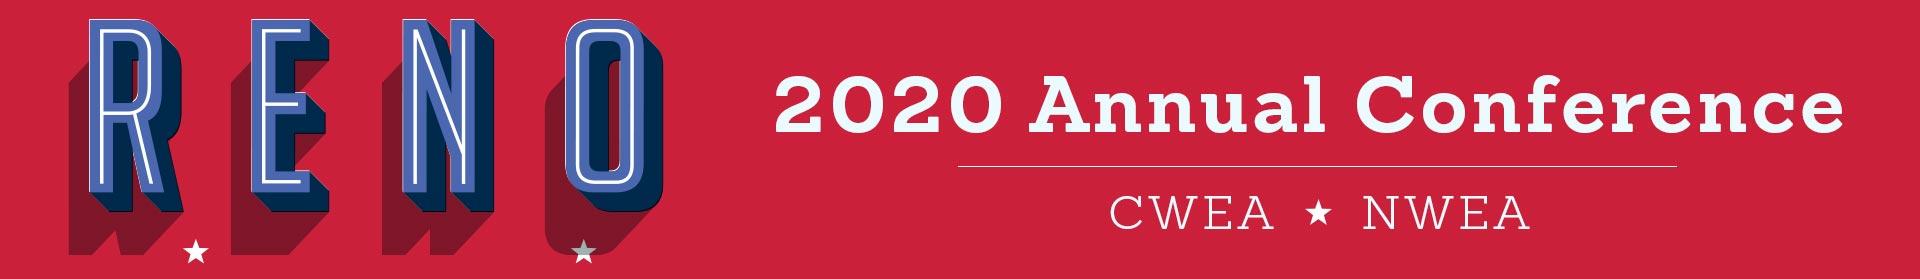 2020 CWEA Annual Conference. Reno, Nevada. March 31 - April 3, 2020